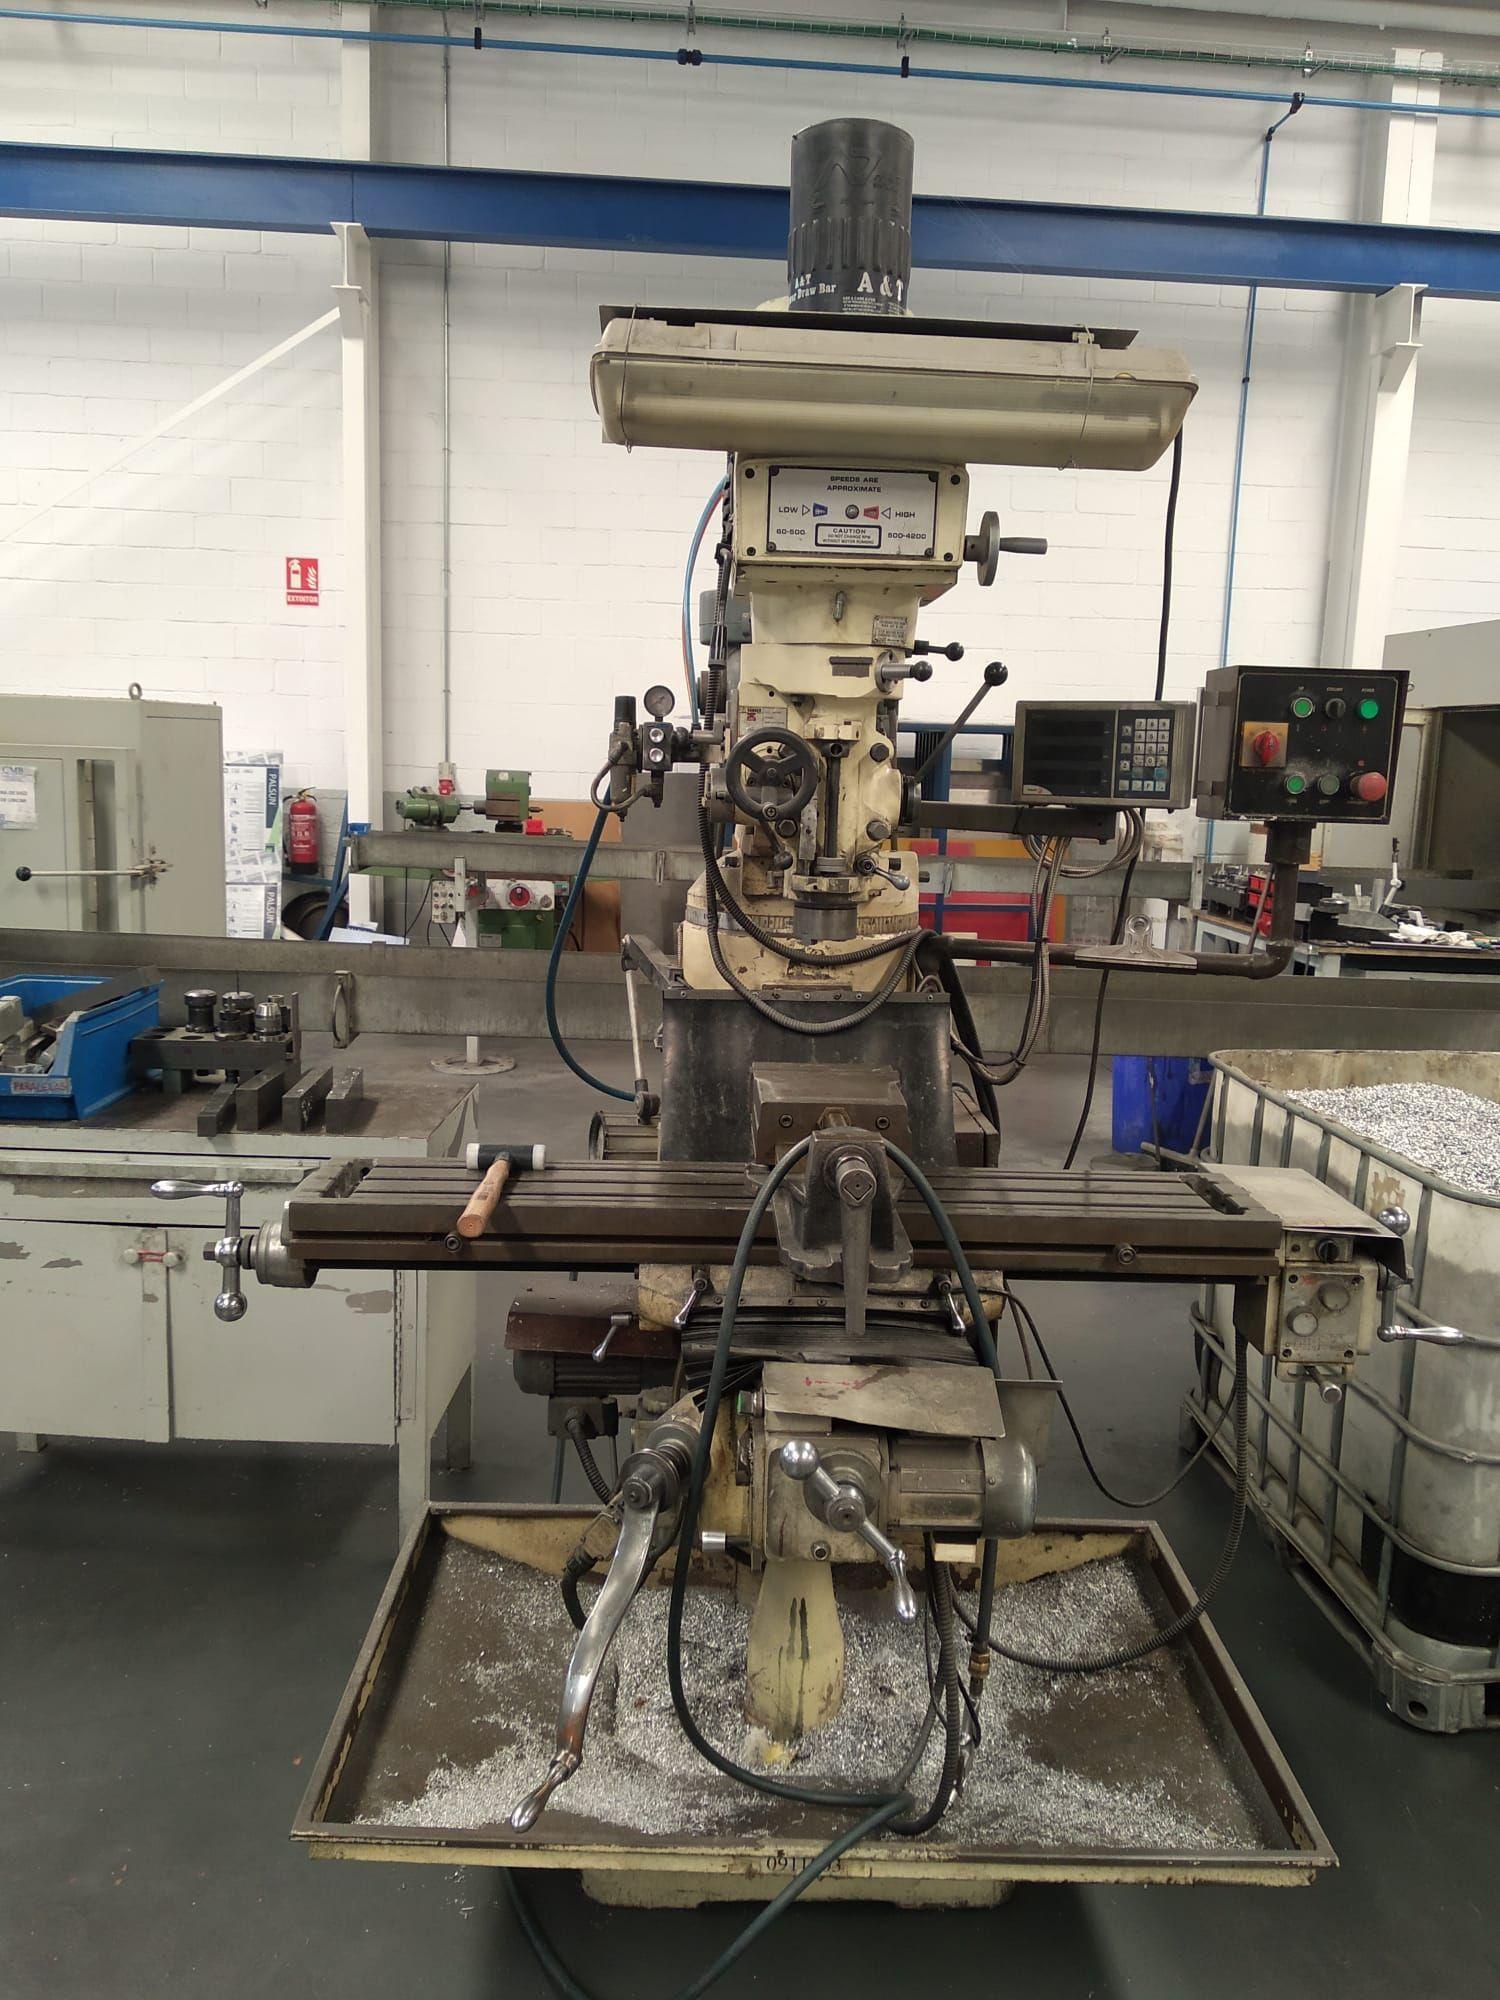 Foto 5 de Mecanizados en CHICLANA DE LA FRONTERA | GMB Inducción, S.L.